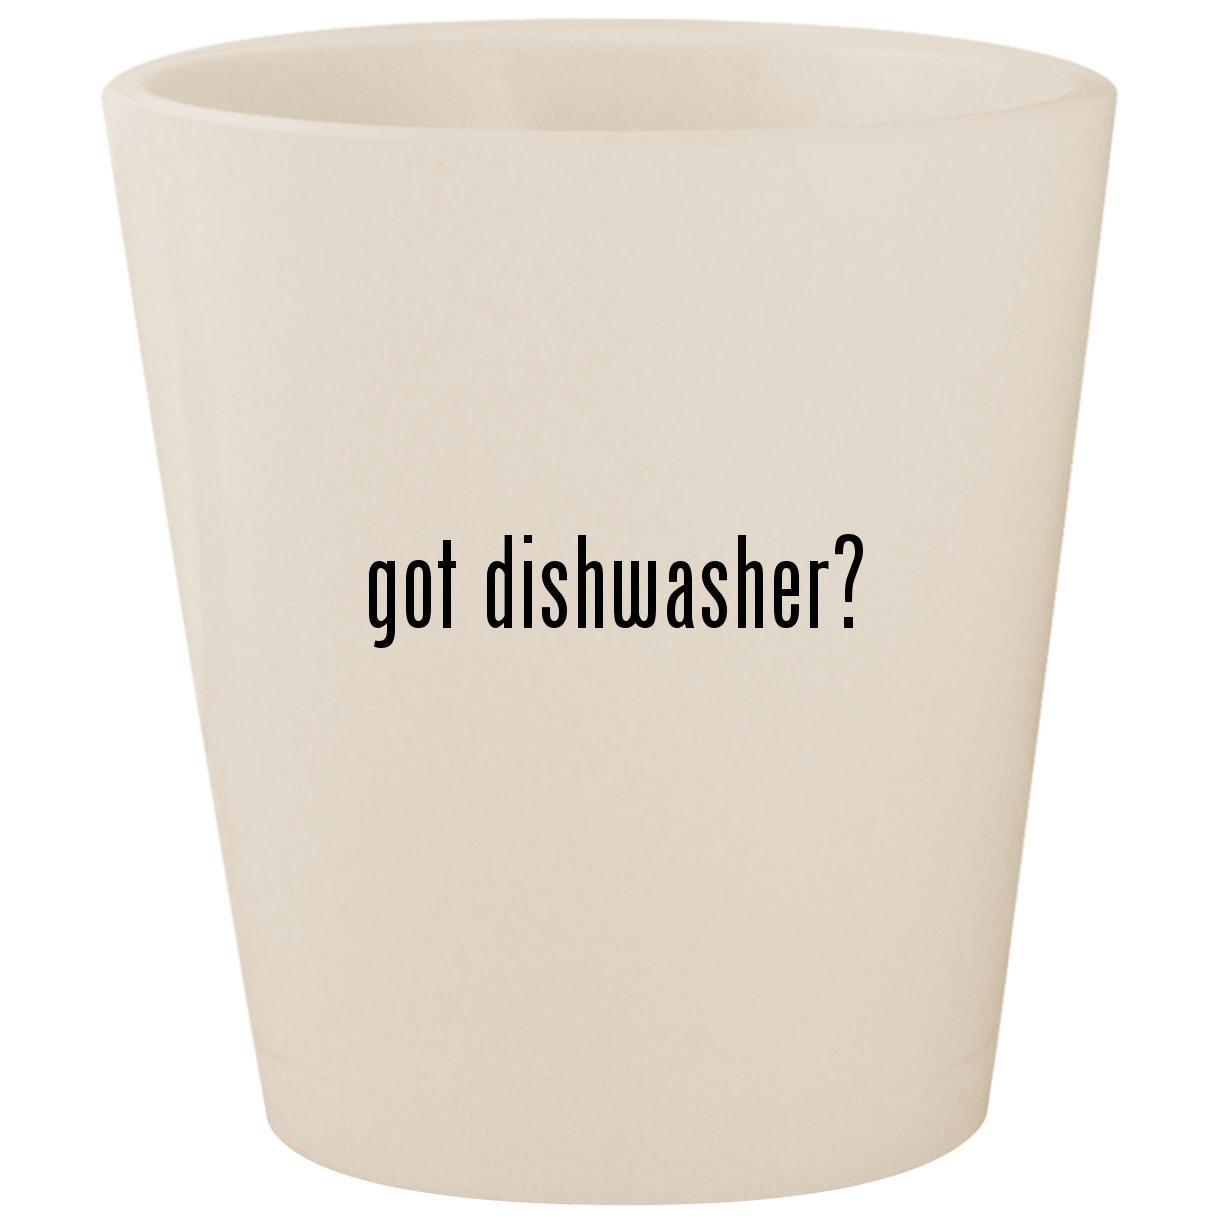 got dishwasher? - White Ceramic 1.5oz Shot Glass